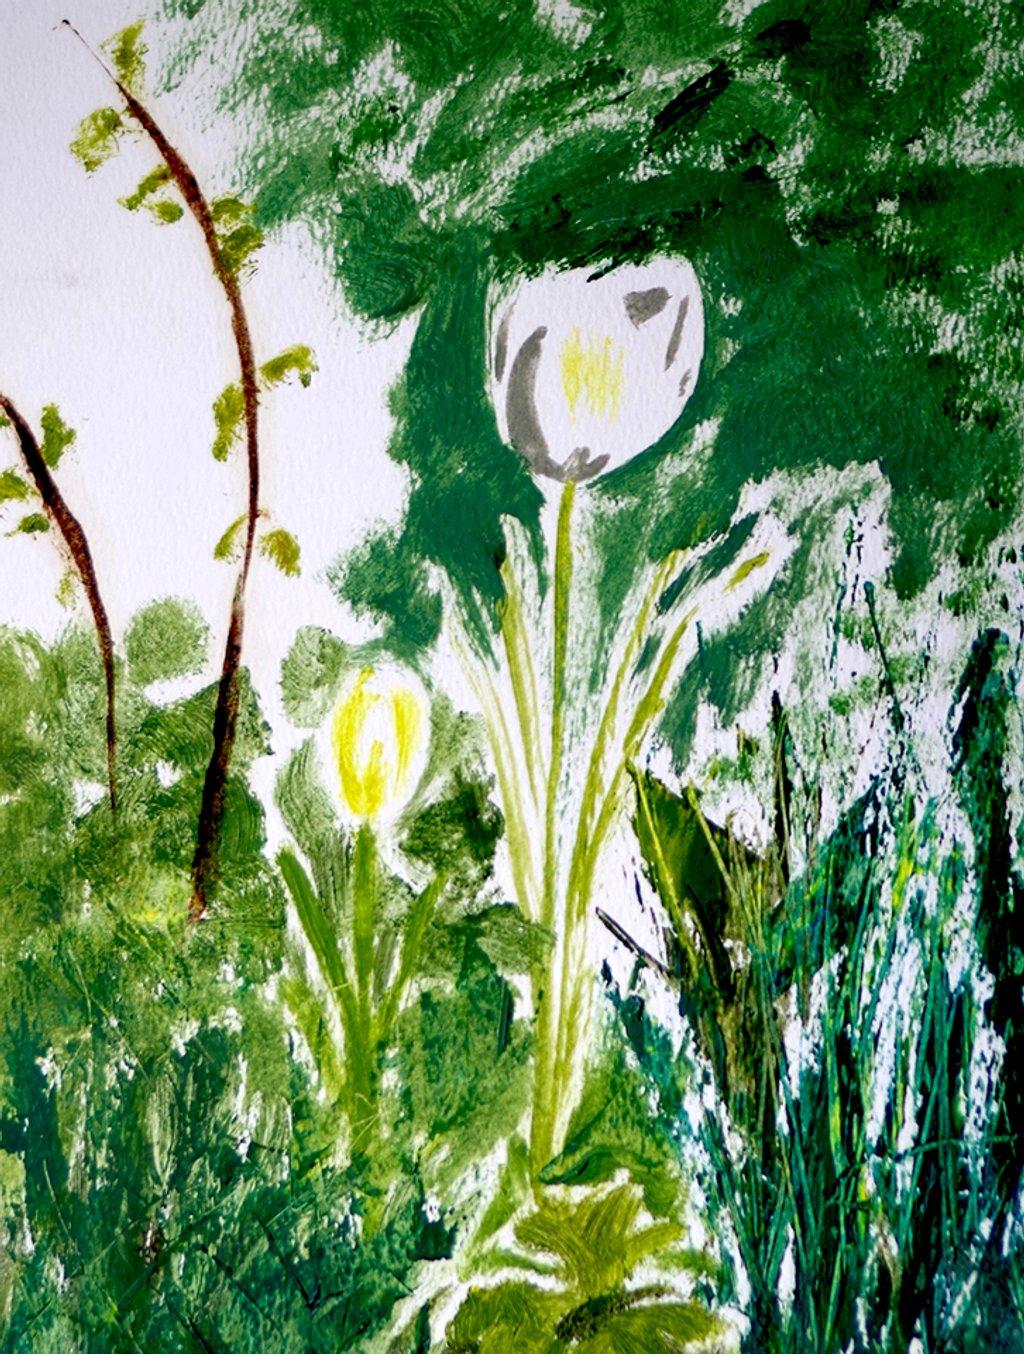 Tulips in oils by lostphojo